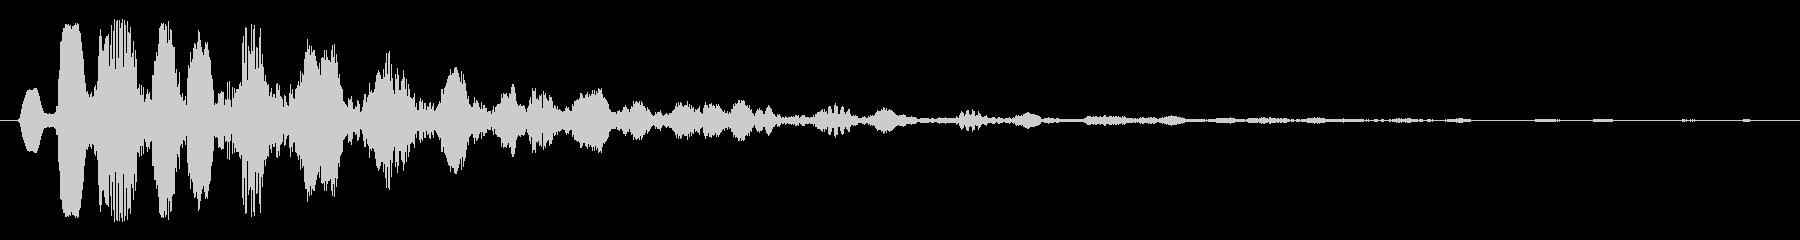 エコーの効いたタイトルアップ音の未再生の波形